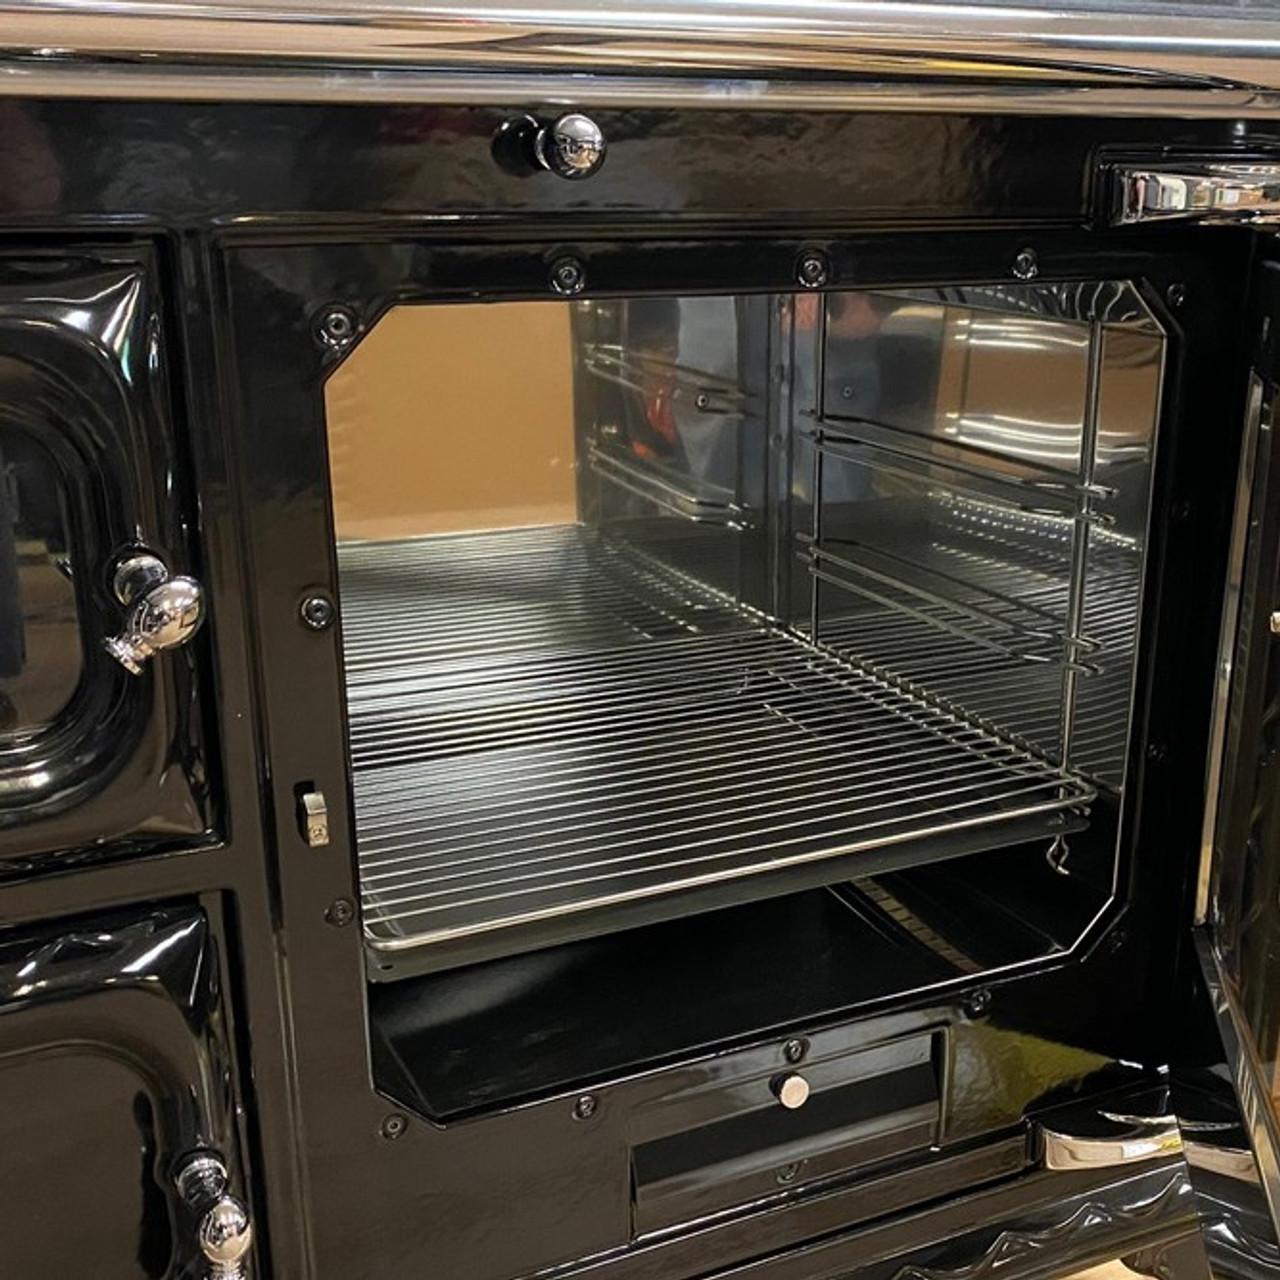 Hearthstone Deva Cook Stove Oven